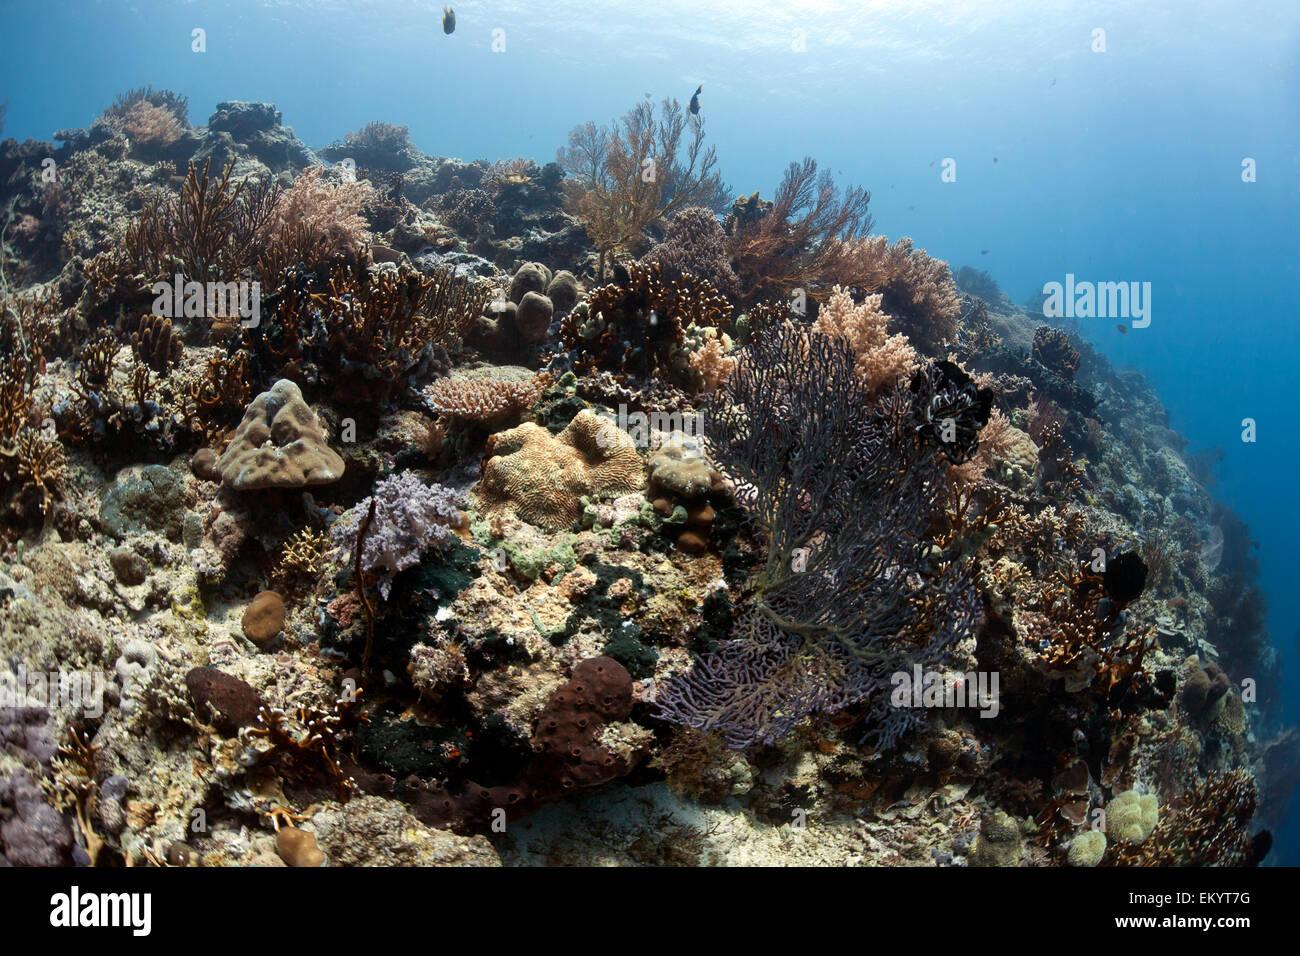 Tropical coral reef off Menjangan, Bali - Stock Image